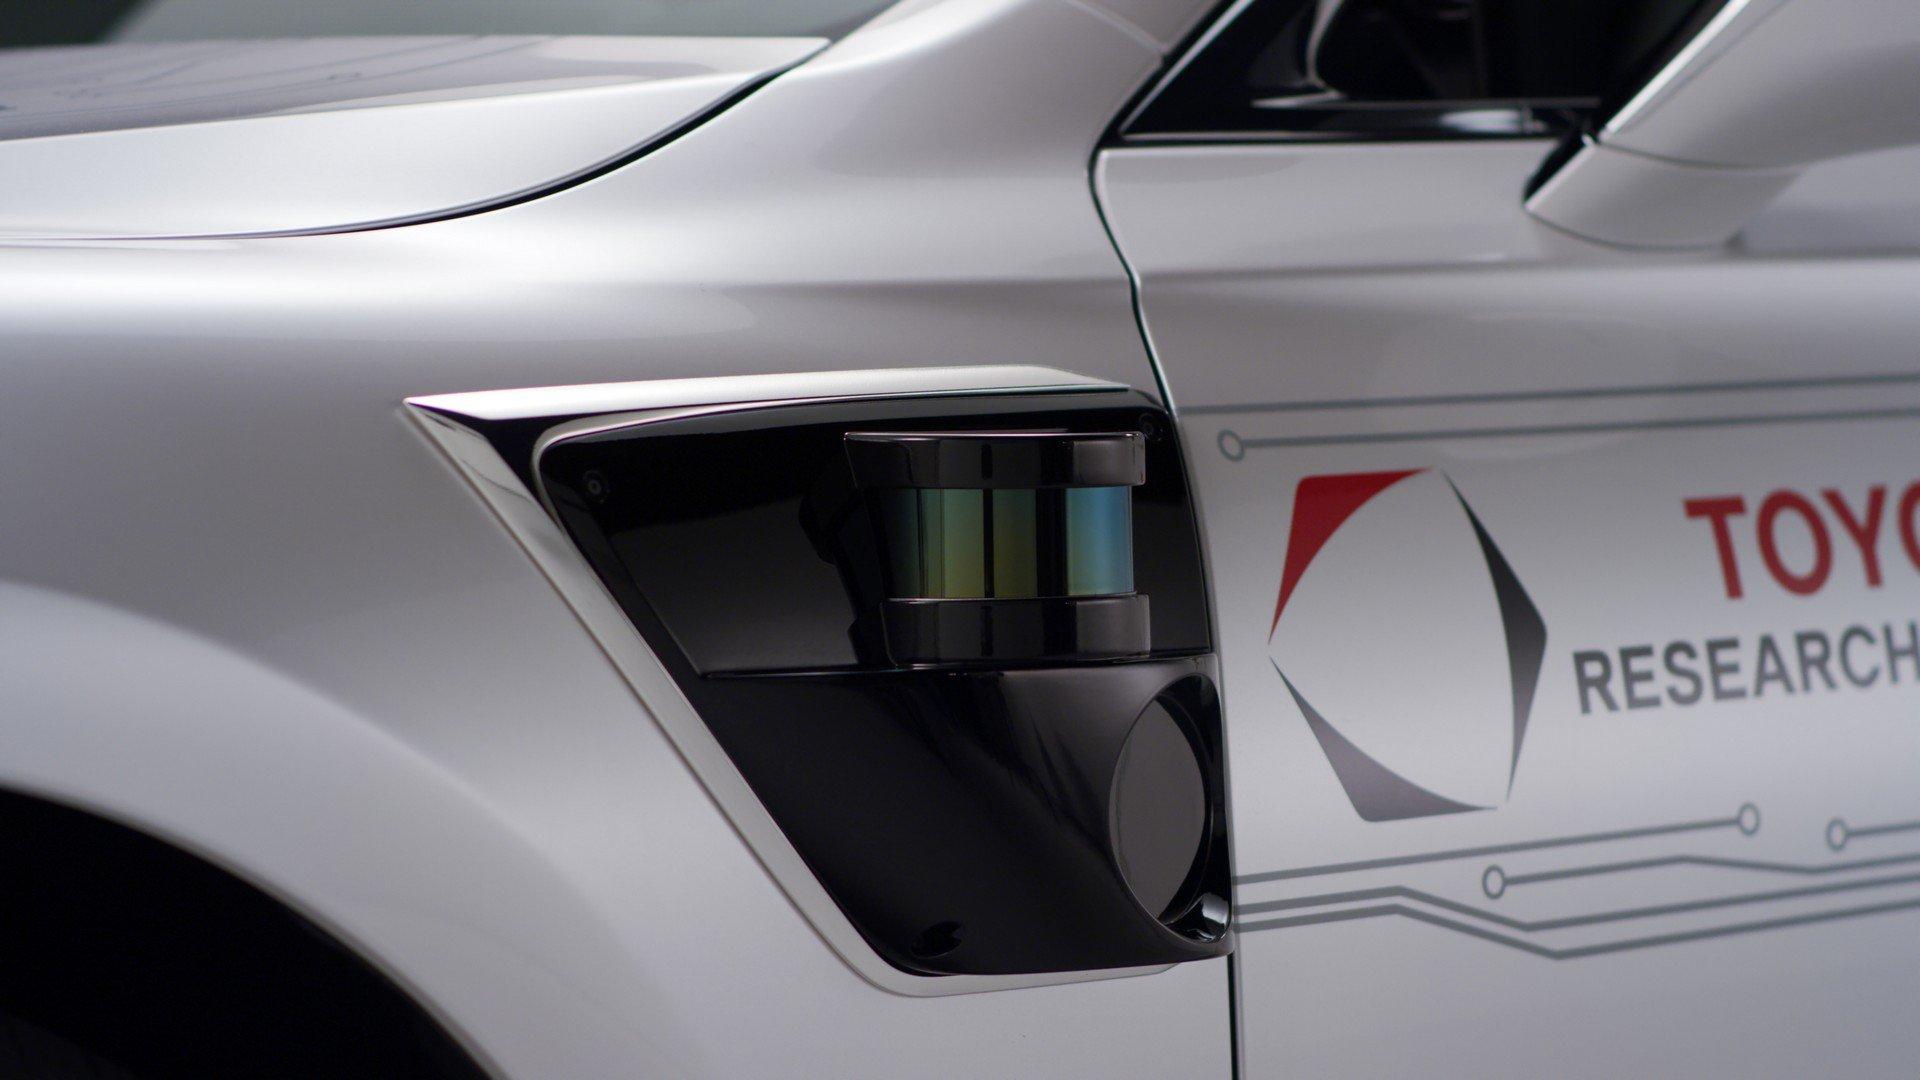 Toyota CES Lexus LS500h TRI-P4 autonomous (11)